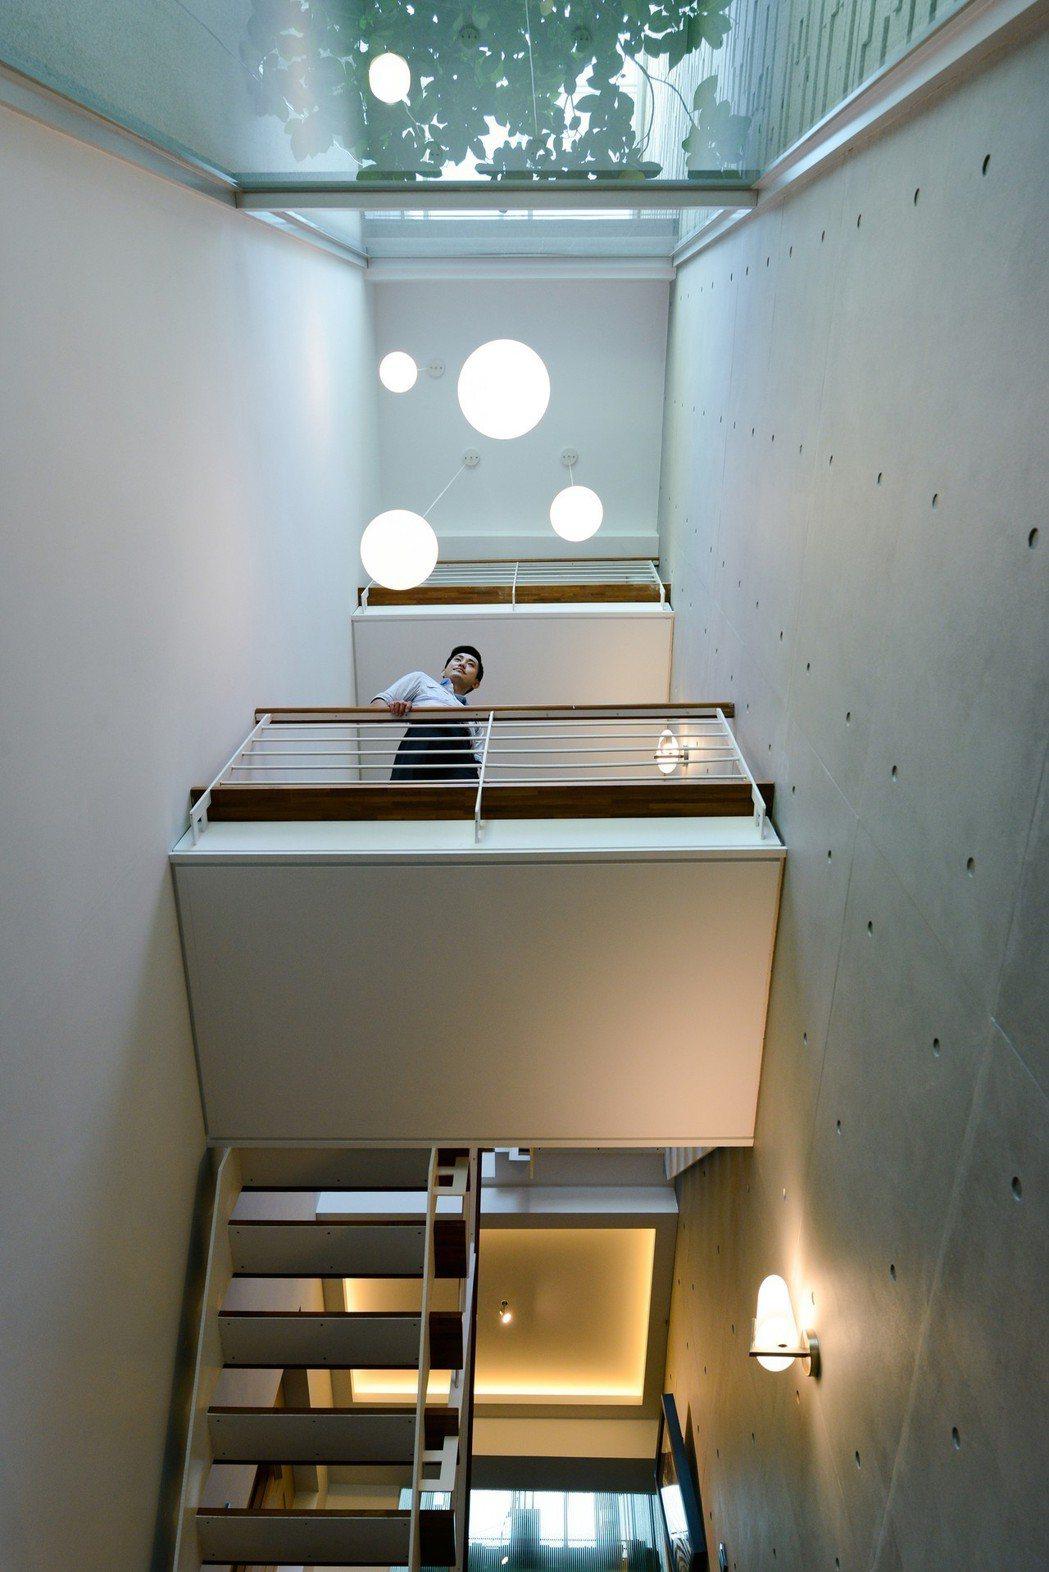 採光賞景美學梯廊。 圖片提供/閎寶集團˙茂騰建築